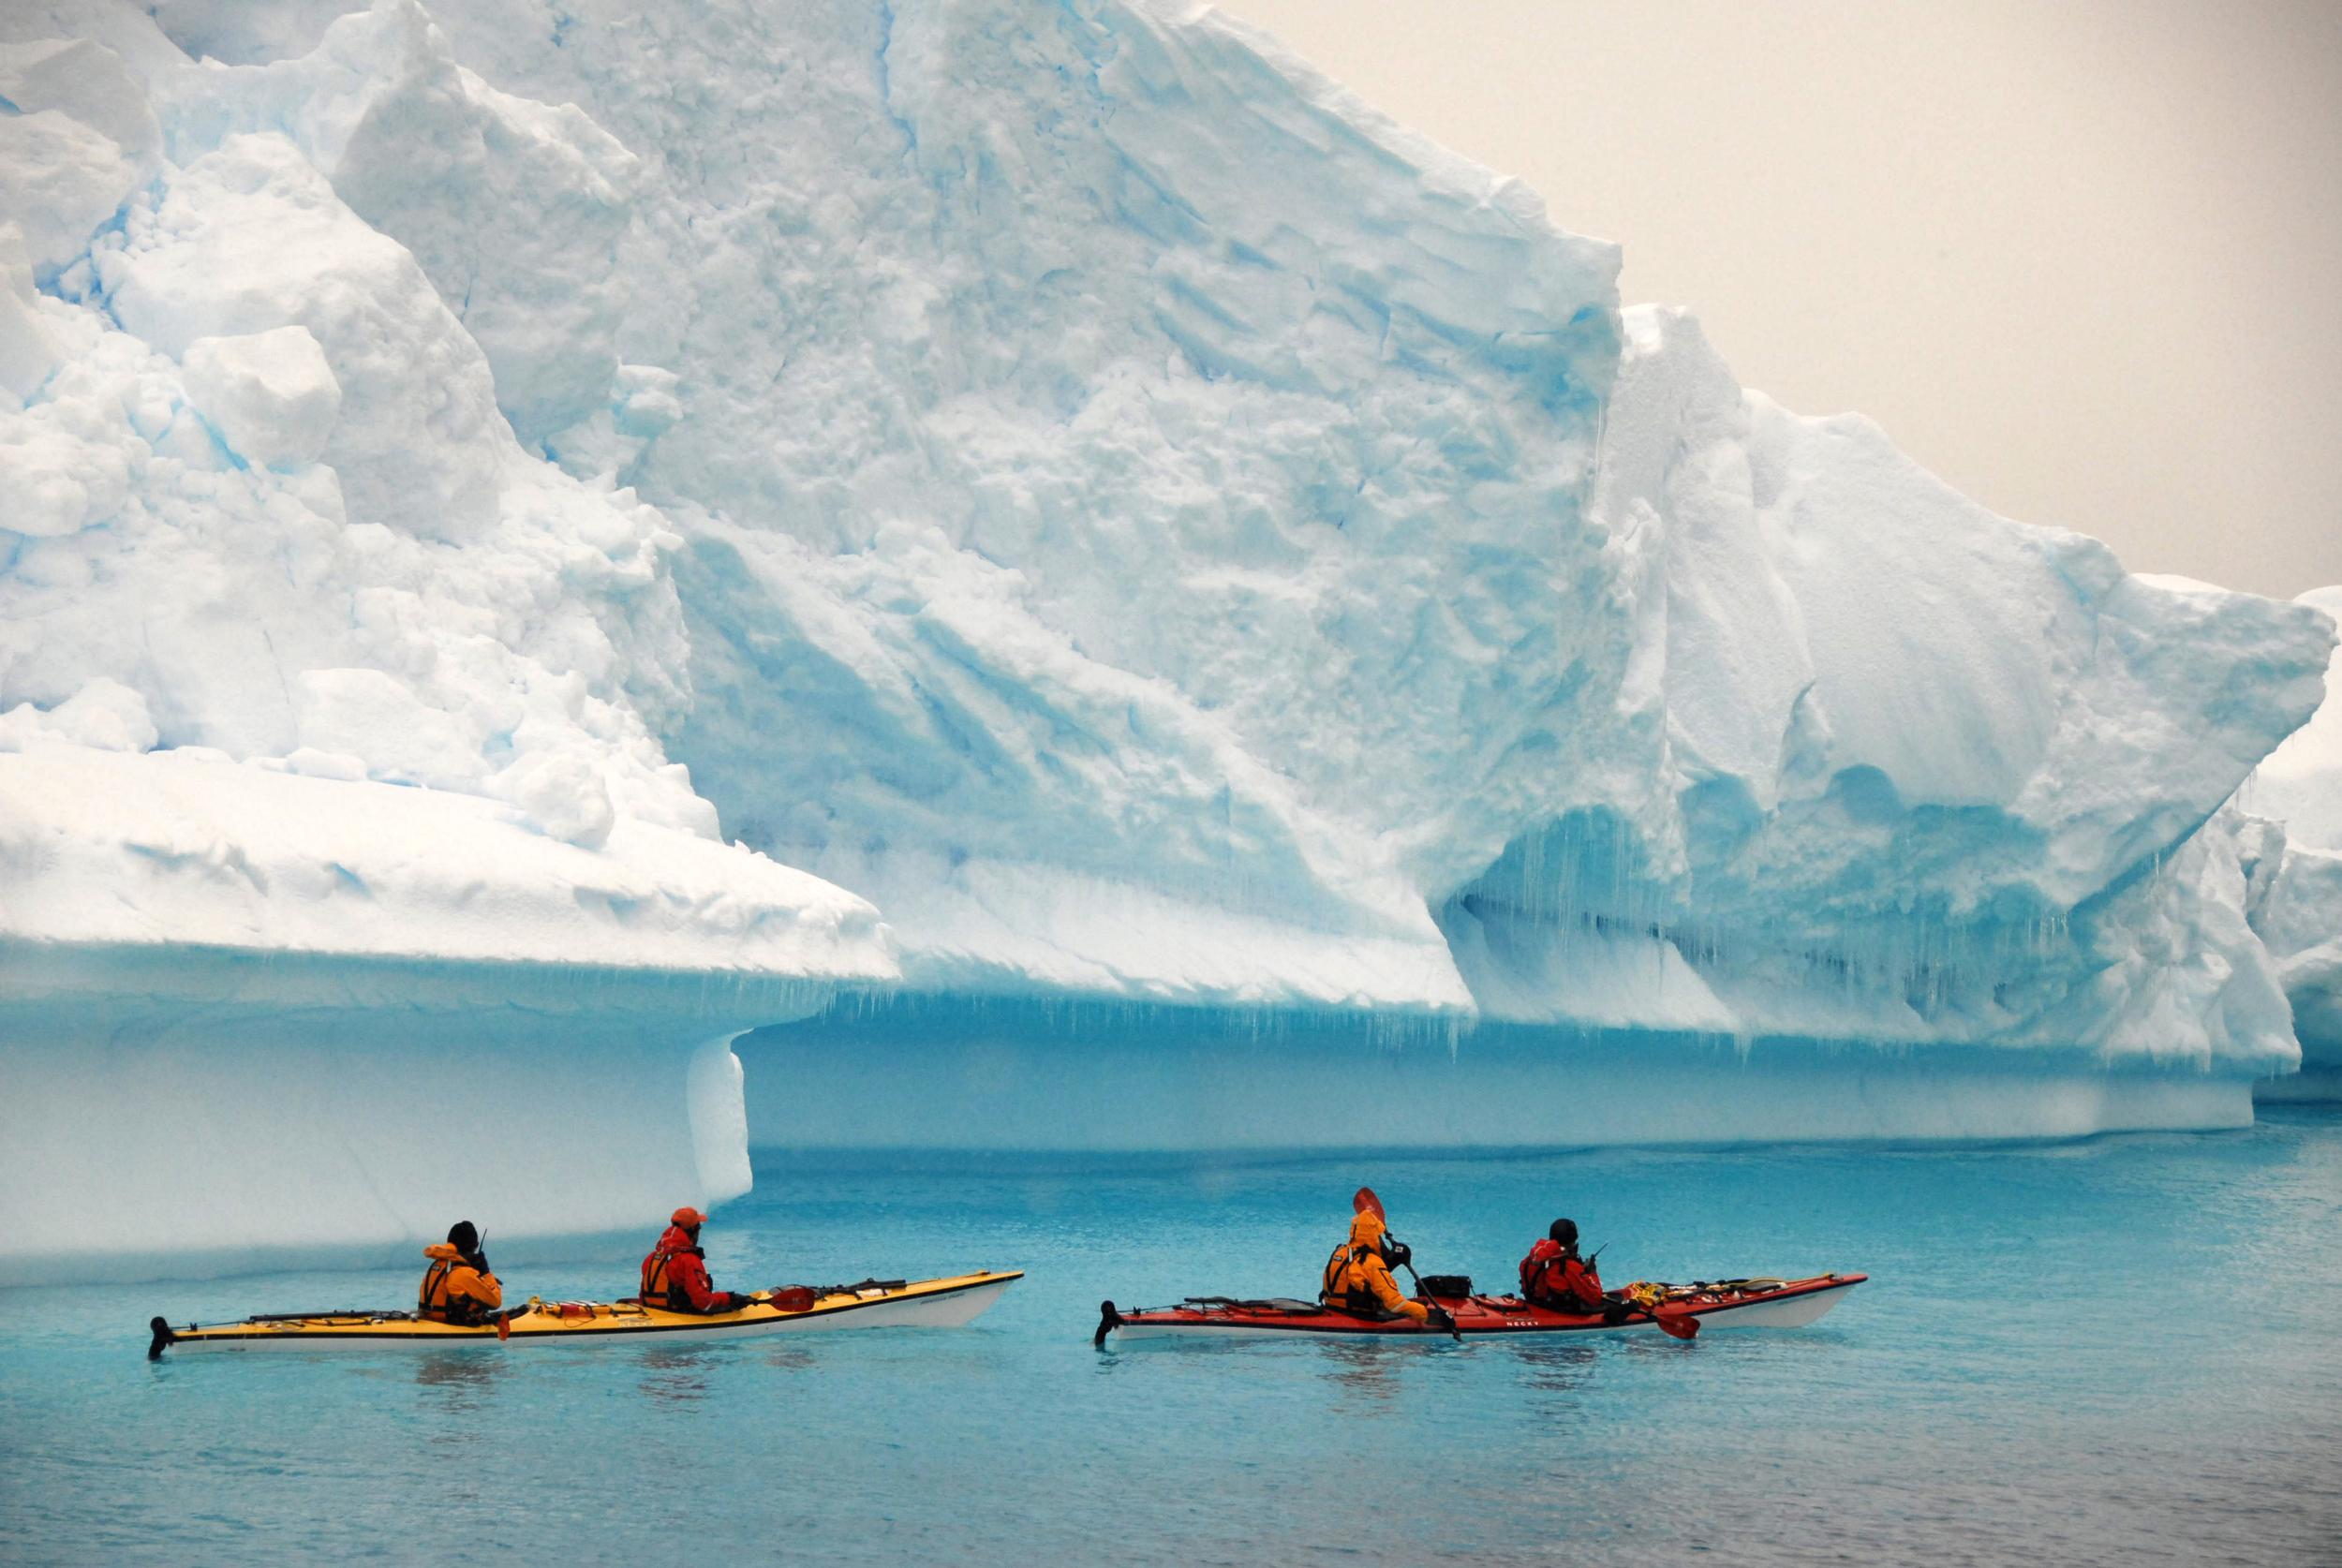 Antarctica 3D